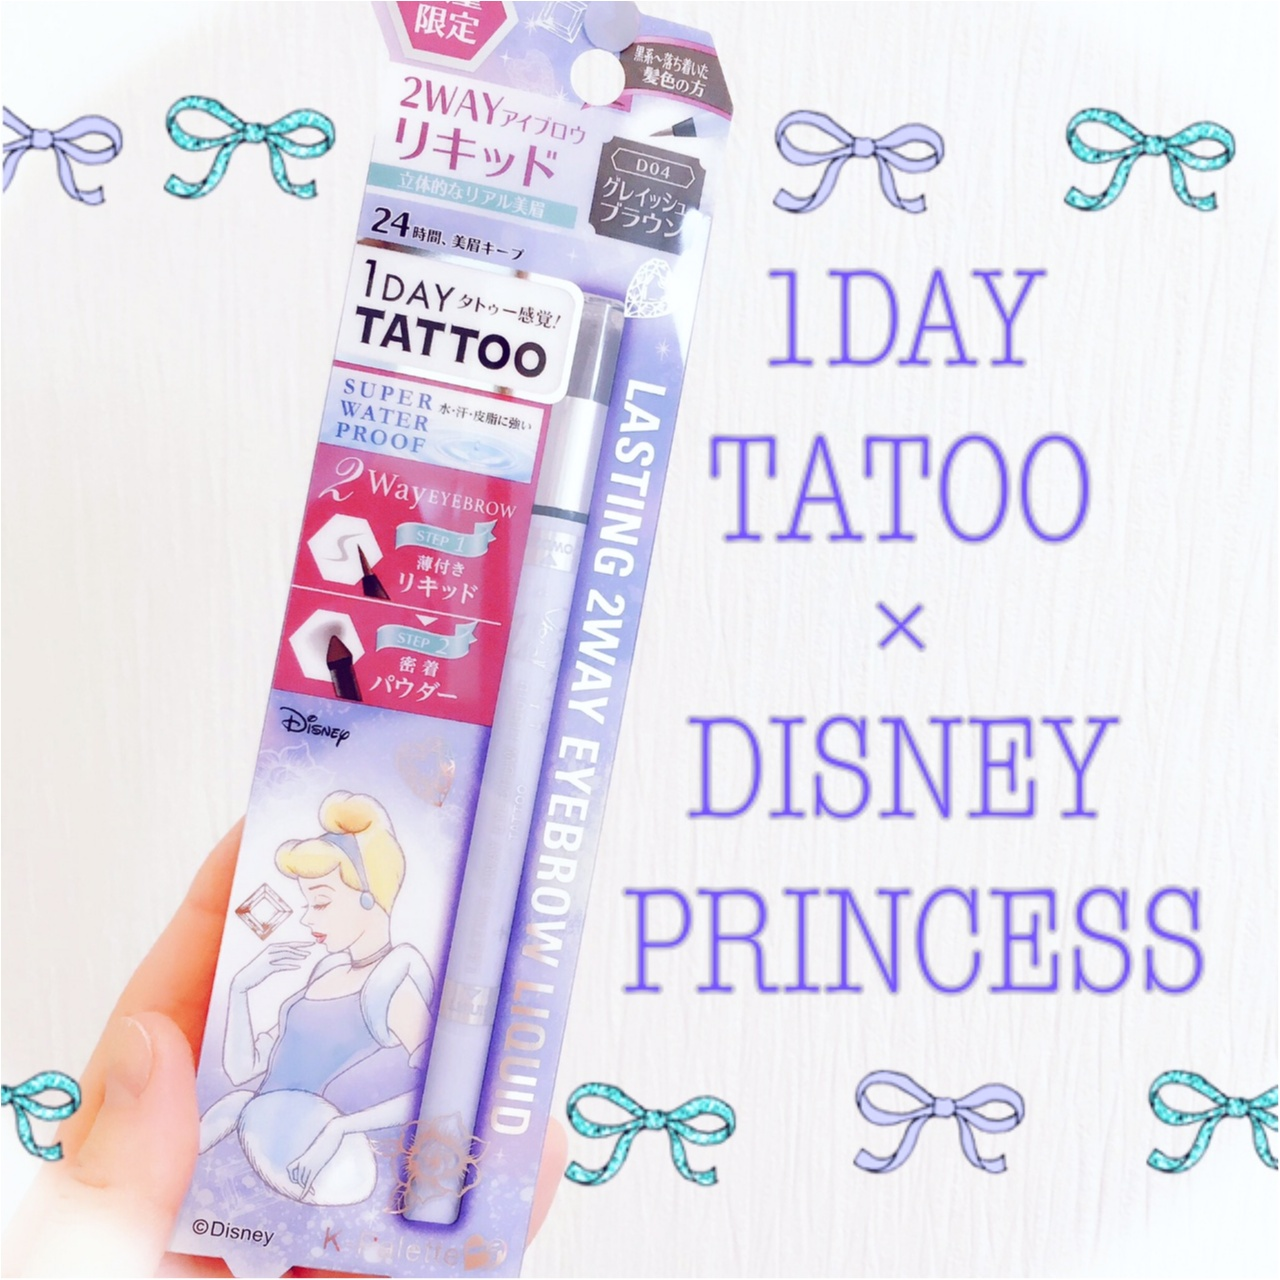 【数量限定】『1DAY TATOO 2WAY アイブロウ リキッド』×『ディズニープリンセス』が登場♡(*´ ˘ `*)♡_1